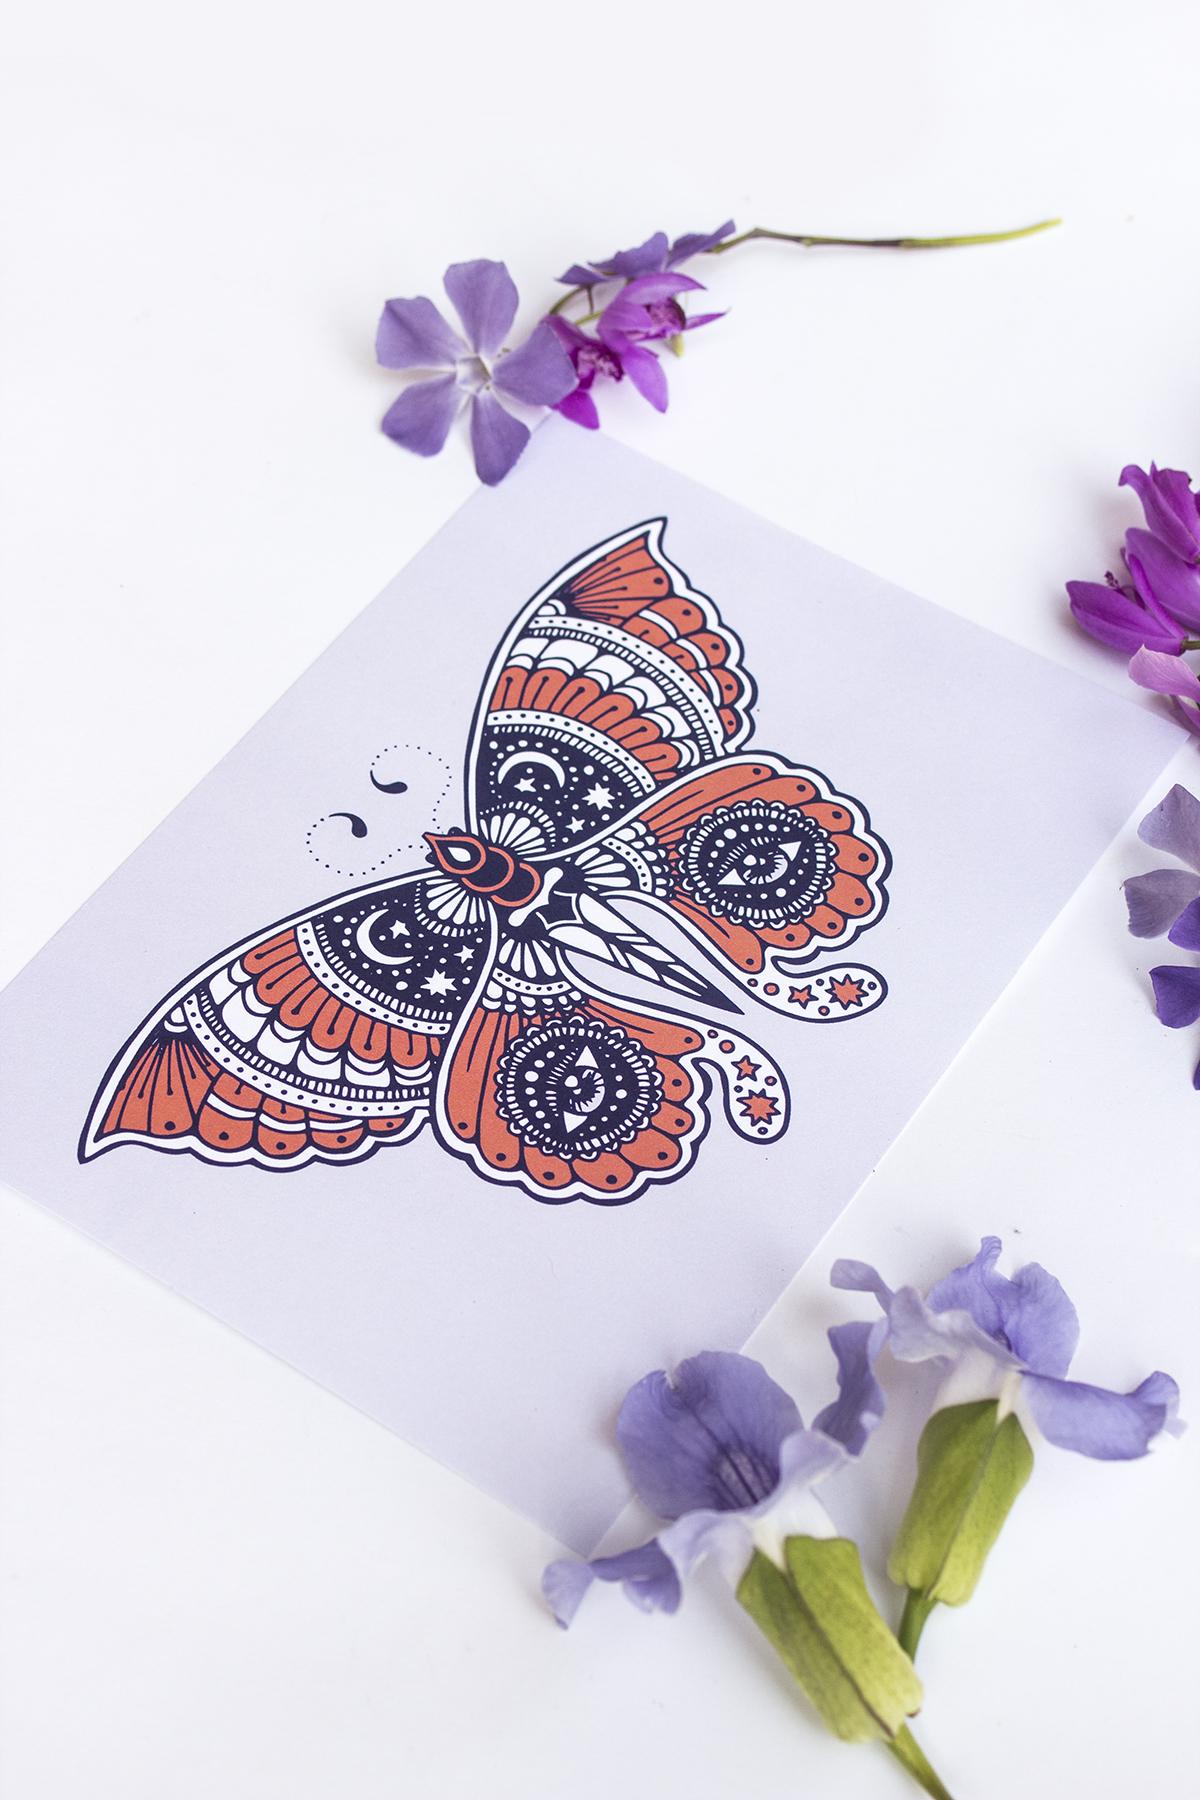 Printset-3-butterfly-web.jpg